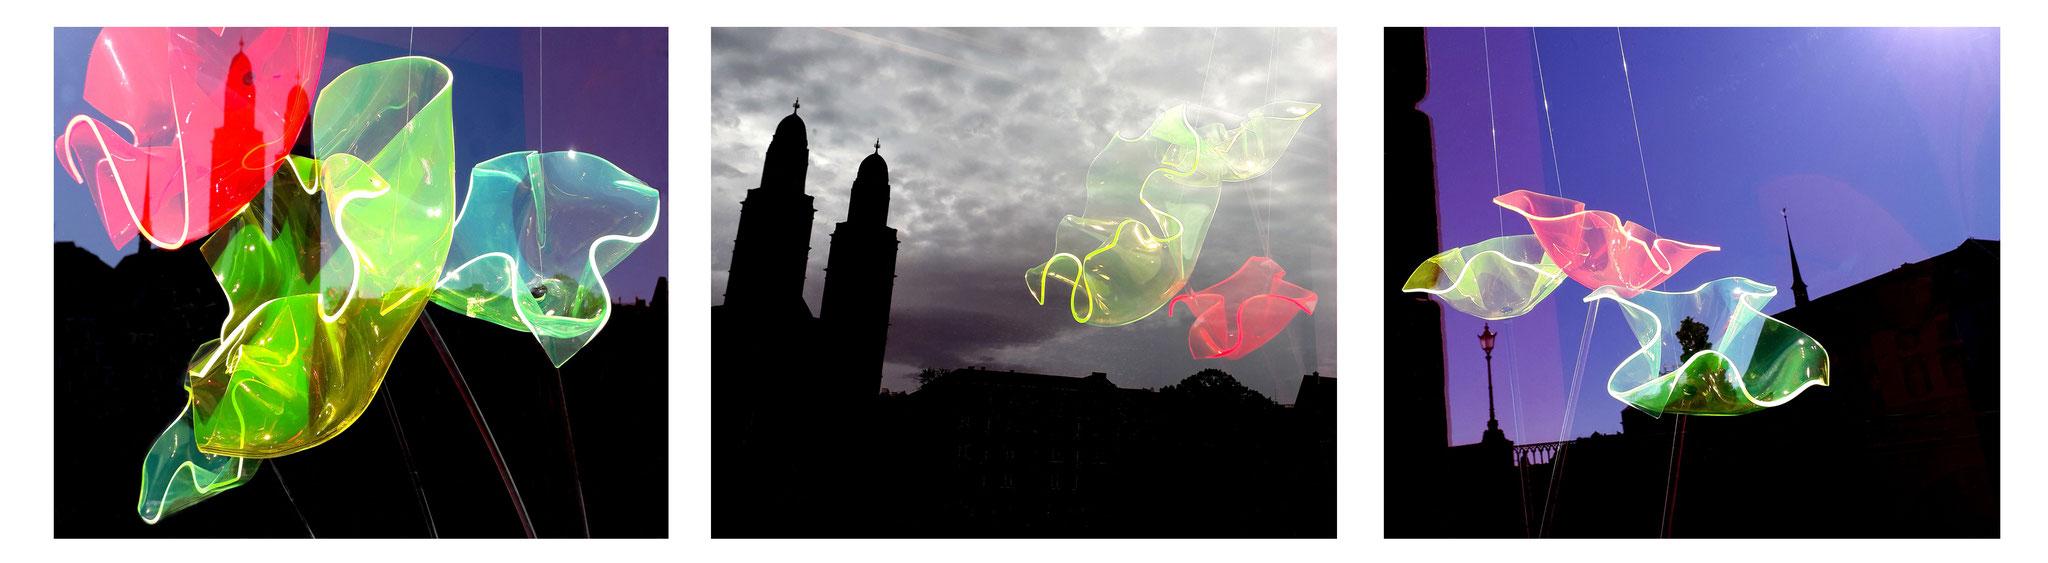 URBAN VISIONS - Code 1-3, digitaler Fotoprint auf HahnemühleBütten Photo Rag 188, 2019, hxb 50 x 60 cm